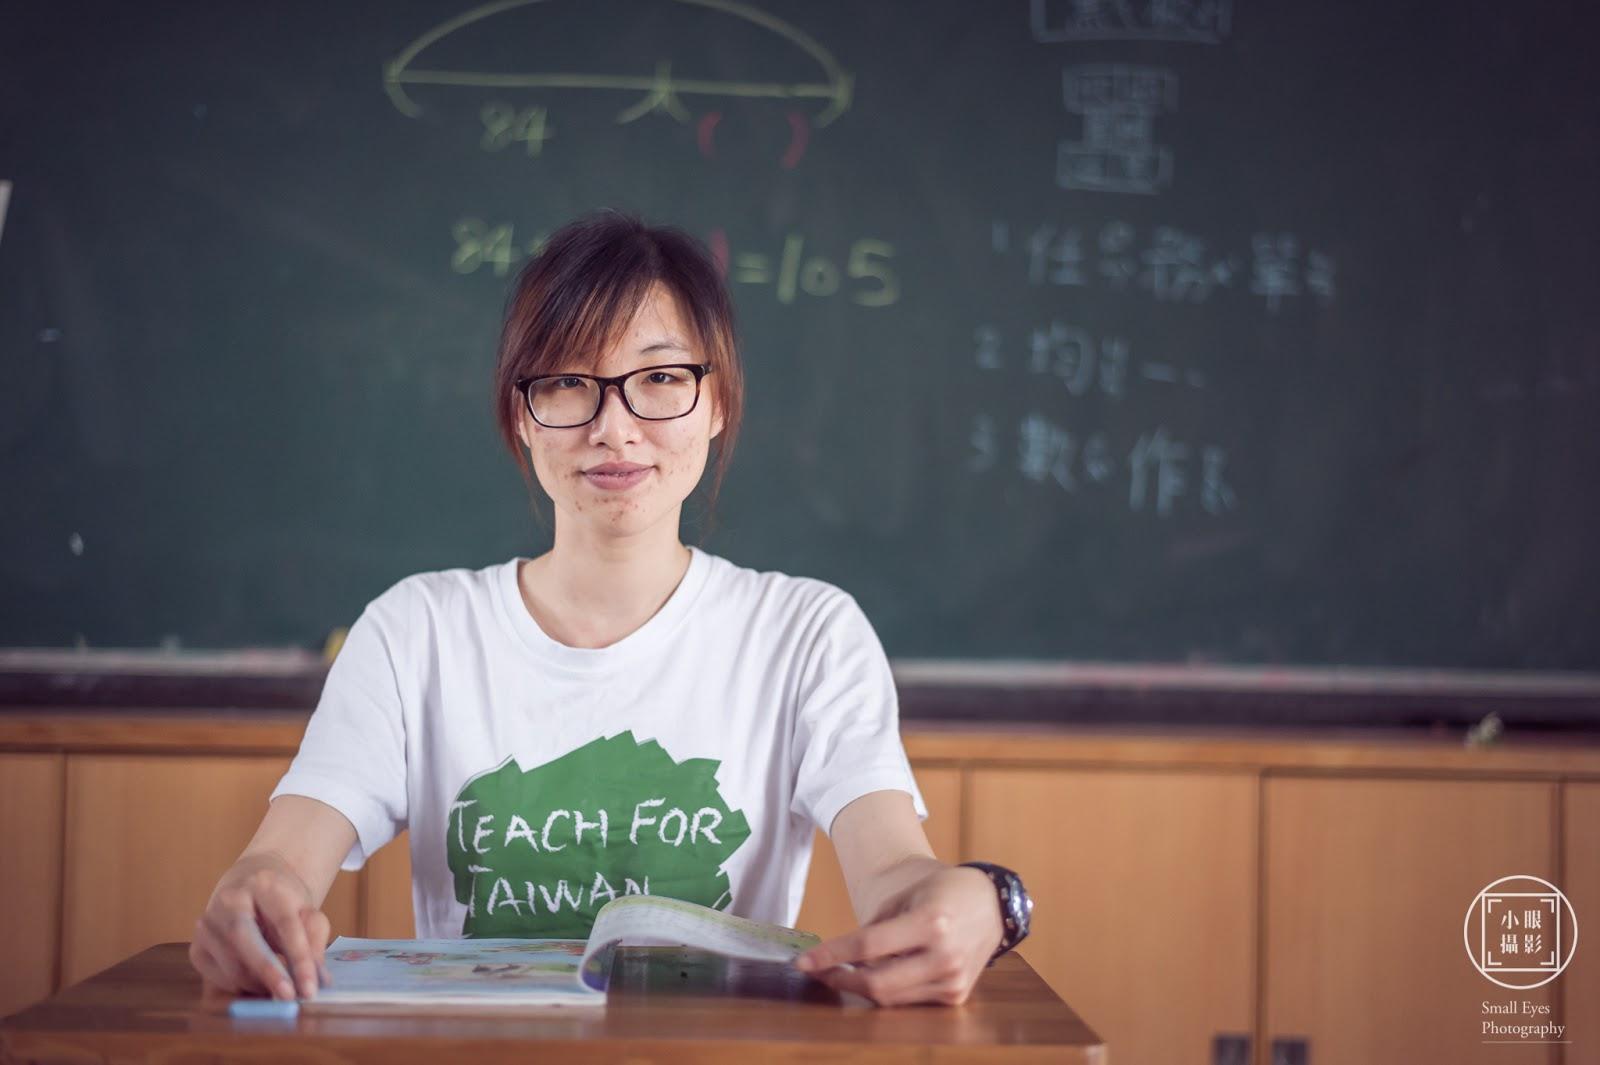 婚攝,小眼攝影,婚禮紀實,婚禮紀錄,婚紗,國內婚紗,海外婚紗,寫真,企業形象,形象照,形象拍攝,人像攝影,人像照,人像拍攝,Teach For Taiwan,TFT,為台灣而教,第一屆,偏鄉教師